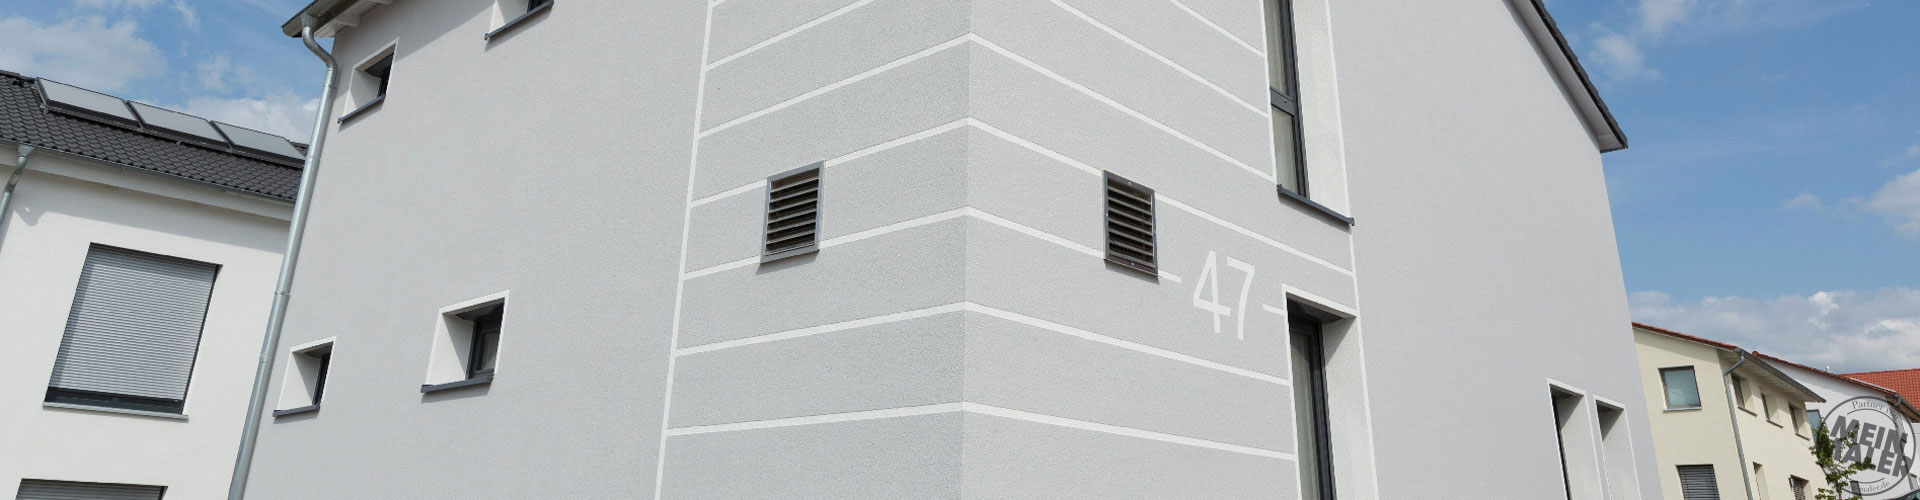 Fassadengestaltung / Wärmedaemmung